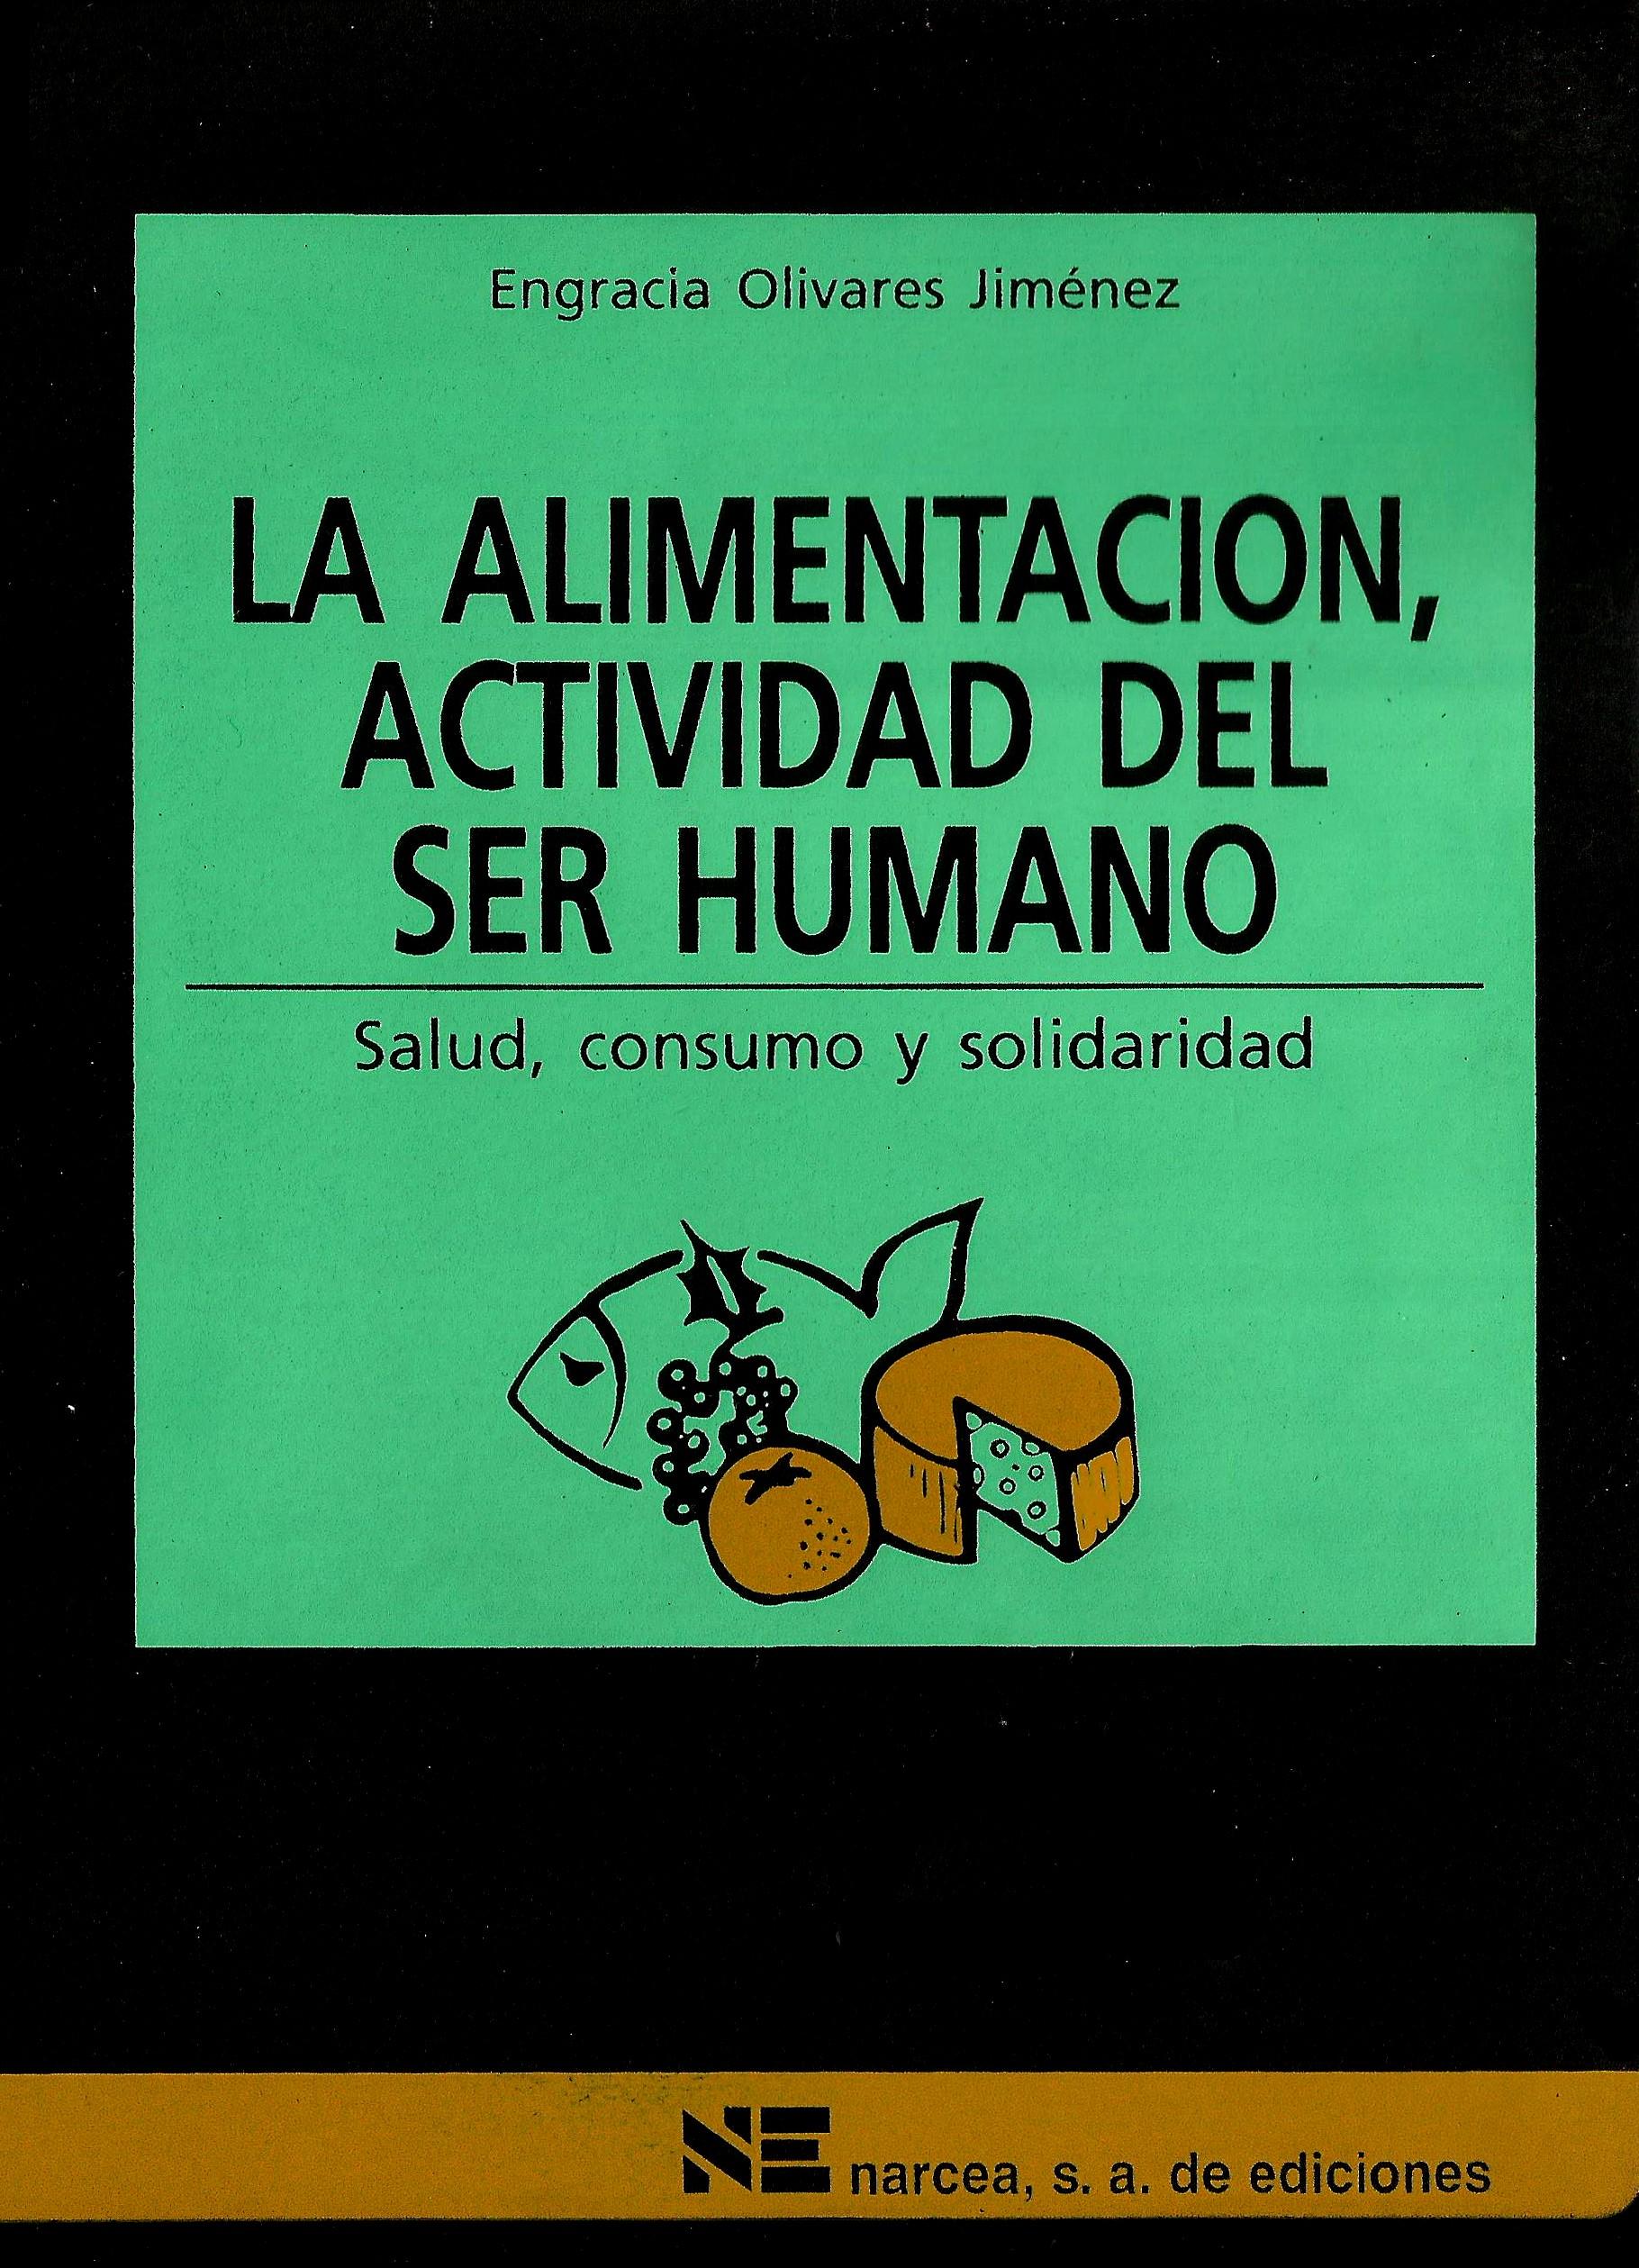 La alimentación, actividad del ser humano